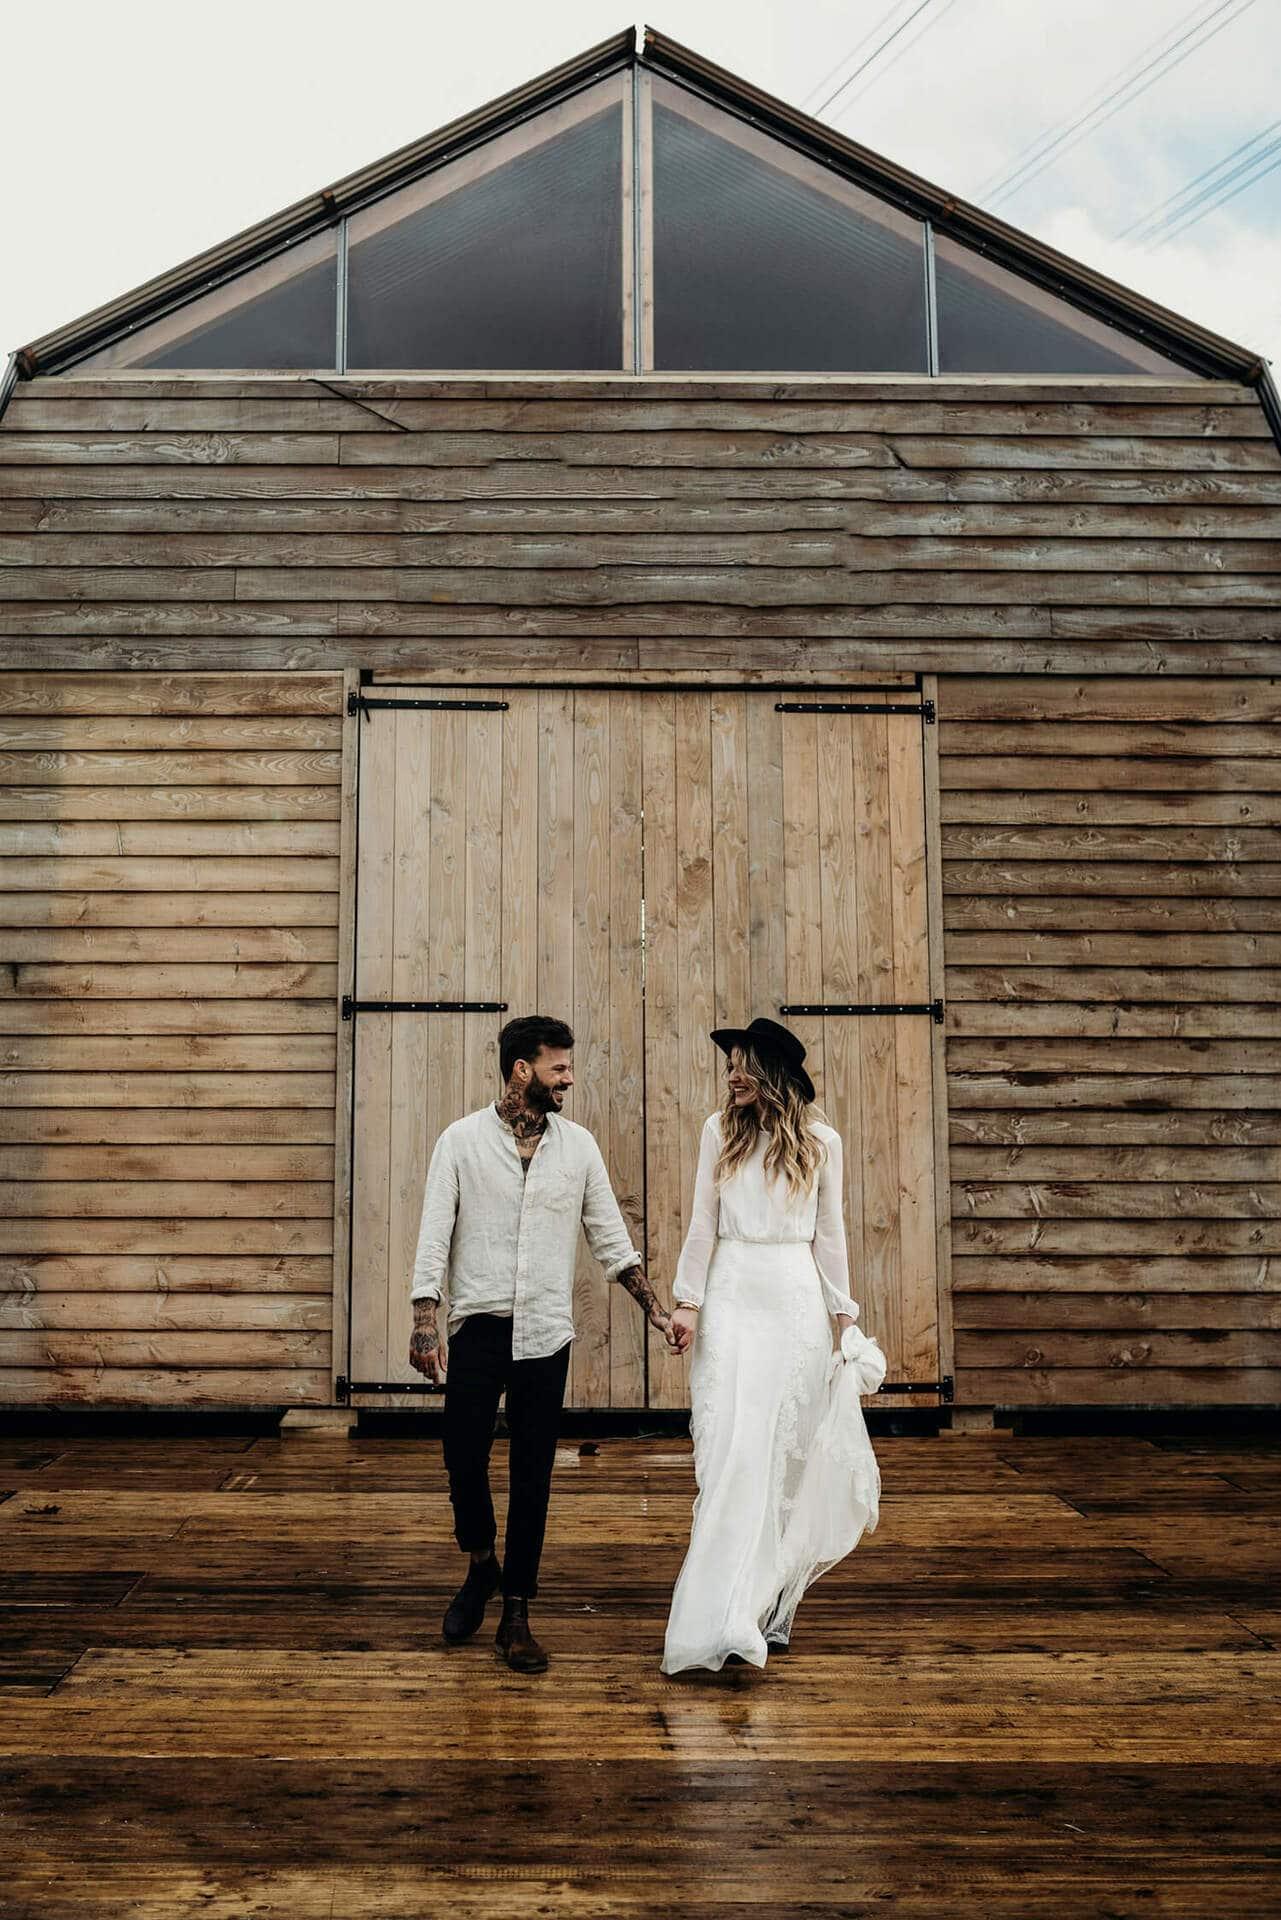 Fonkelnieuw Bruiloft inspiratie: Trouwen in een schuur, gewoon in Nederland! BI-18